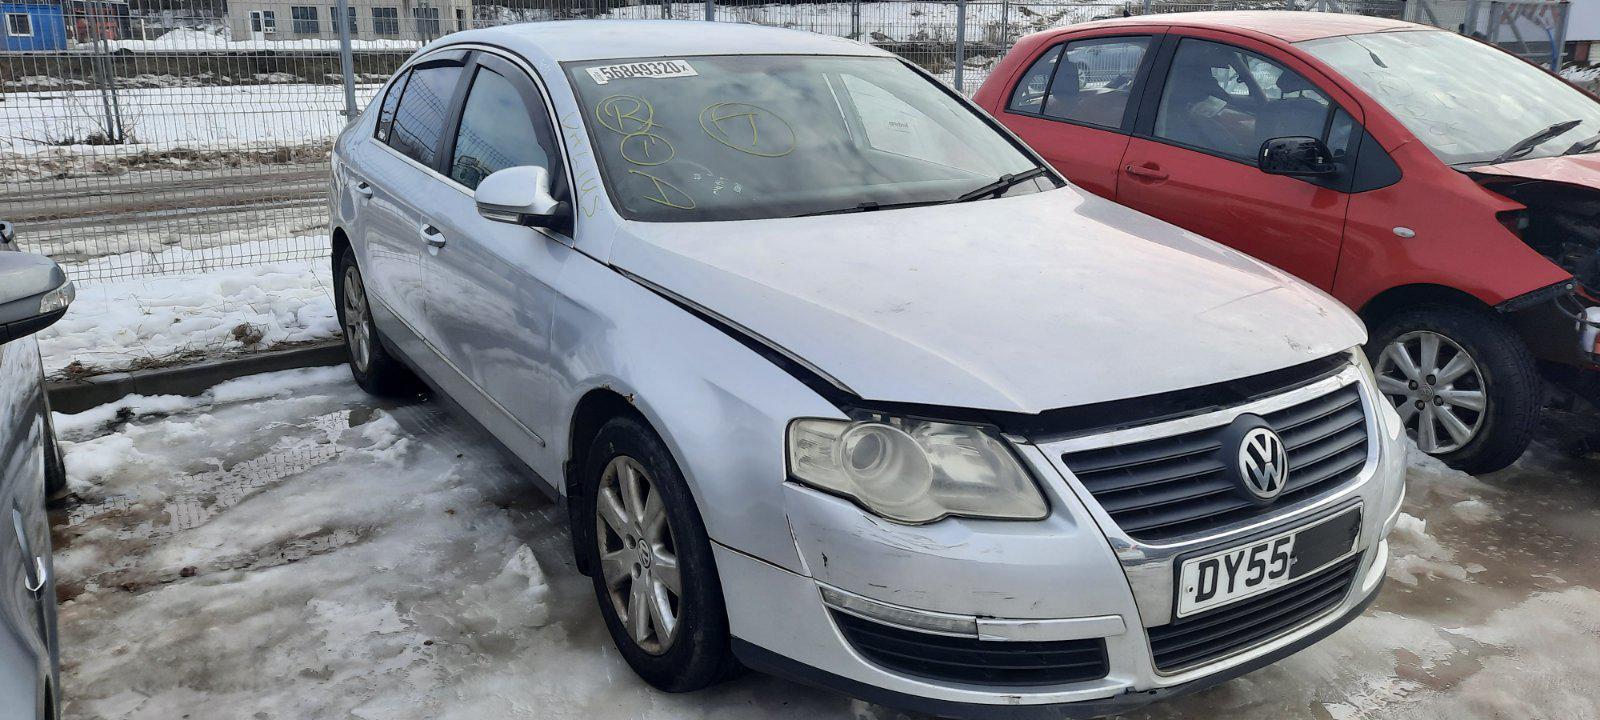 Подержанные Автозапчасти Volkswagen PASSAT 2005 1.9 машиностроение седан 4/5 d. серебро 2021-2-25